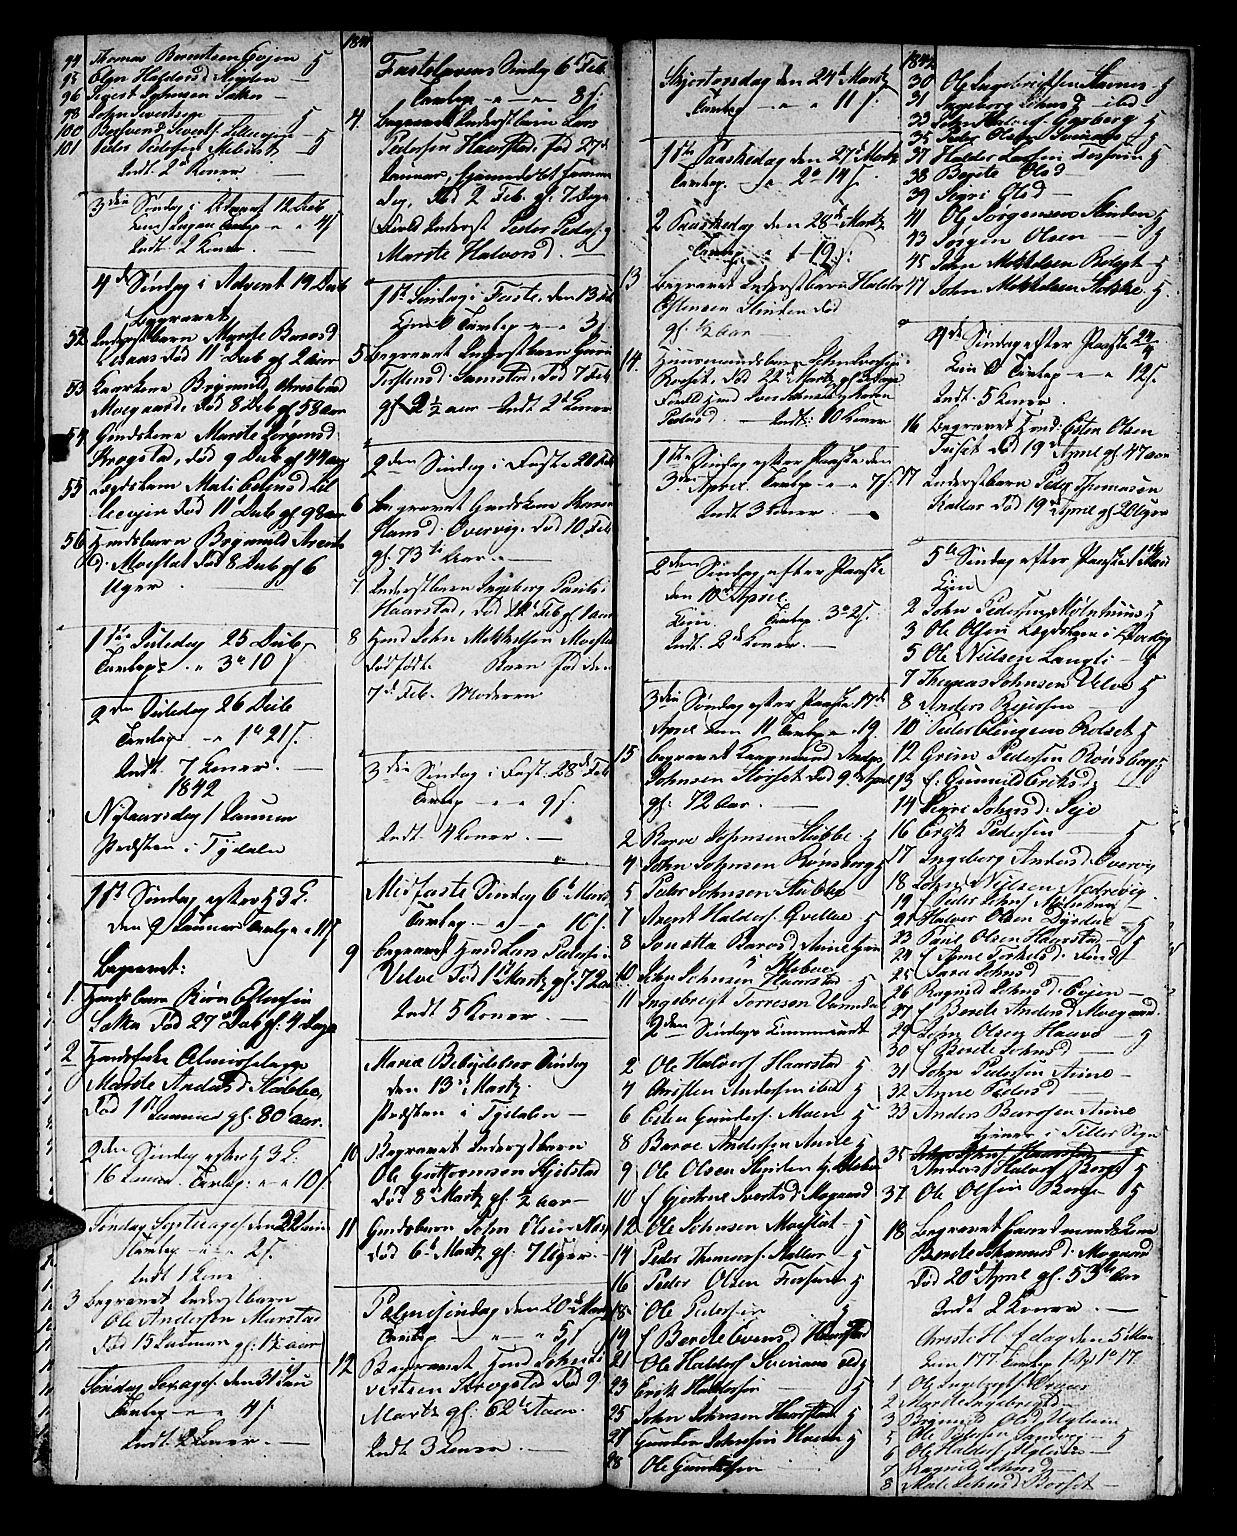 SAT, Ministerialprotokoller, klokkerbøker og fødselsregistre - Sør-Trøndelag, 695/L1153: Klokkerbok nr. 695C04, 1832-1842